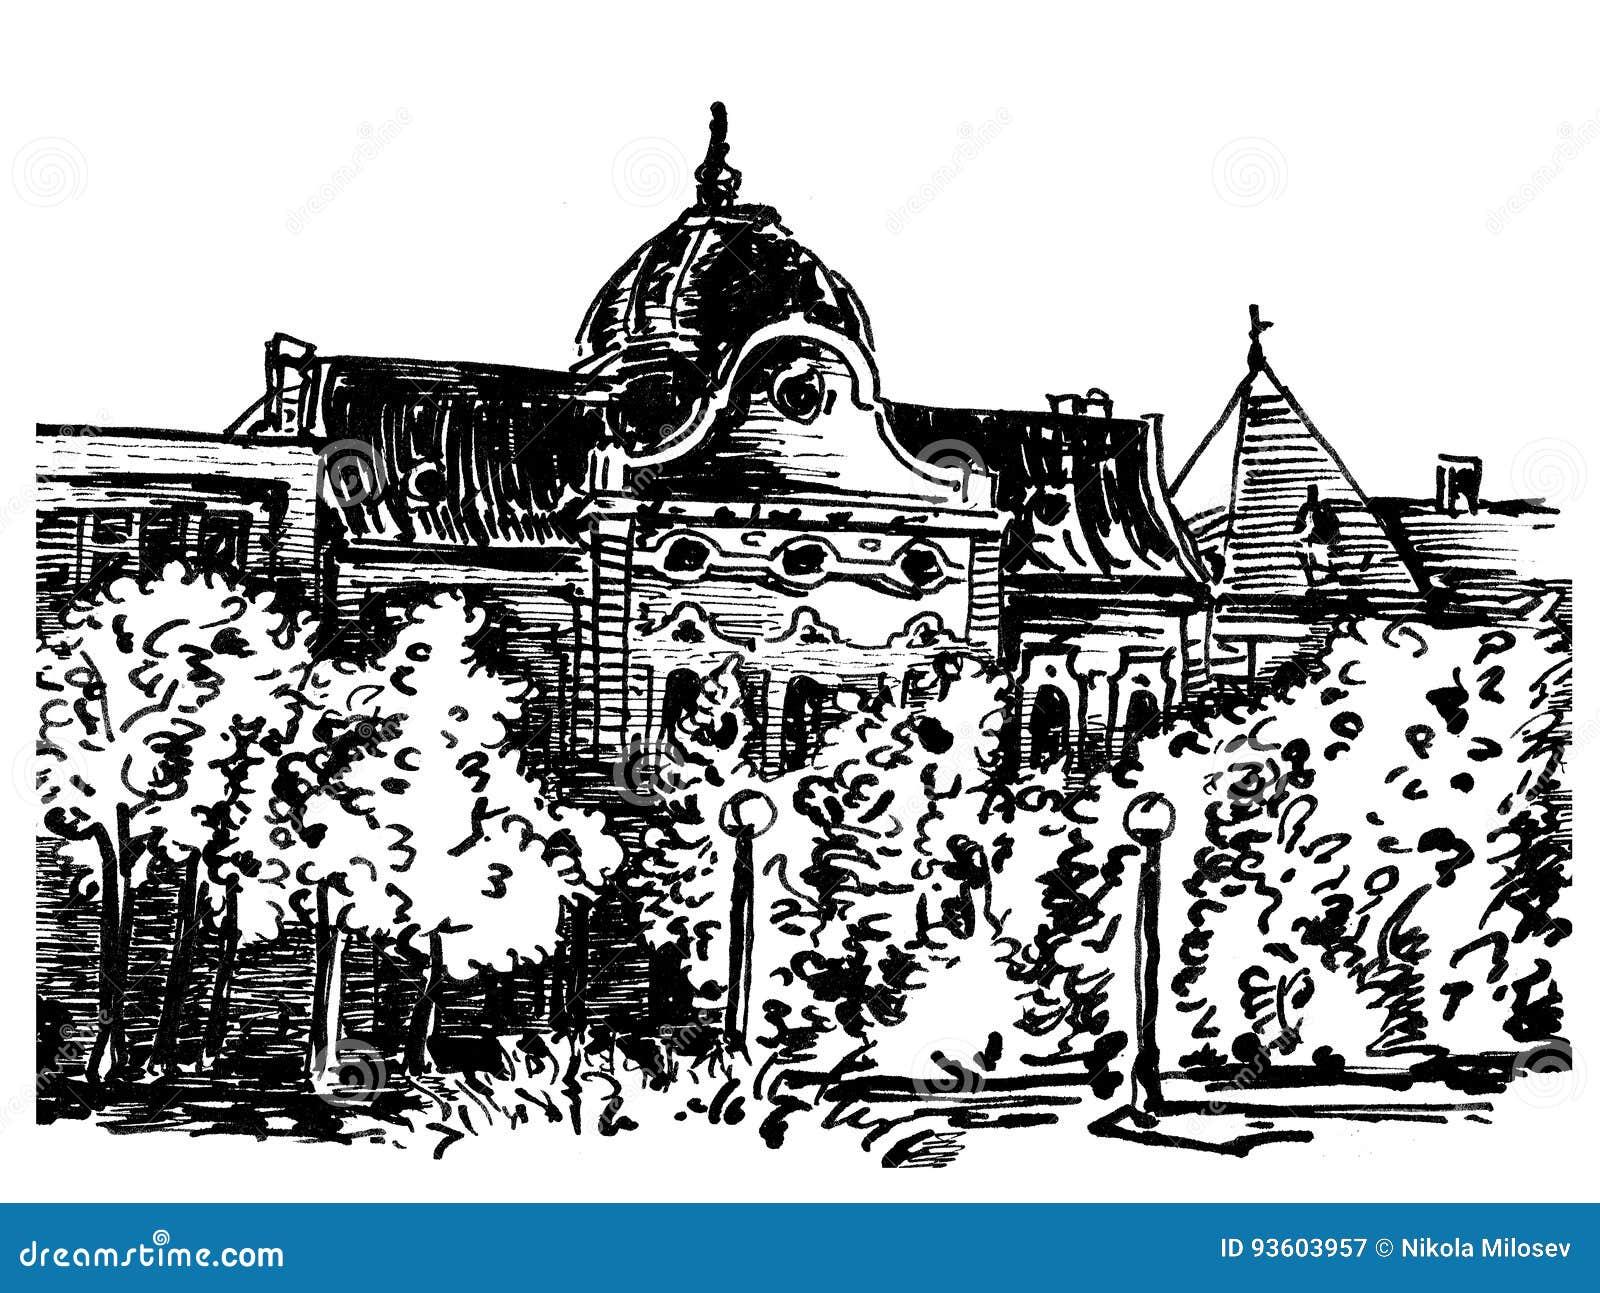 Dessin noir et blanc dencre de maison de ville dans kikinda banat voïvodine serbie